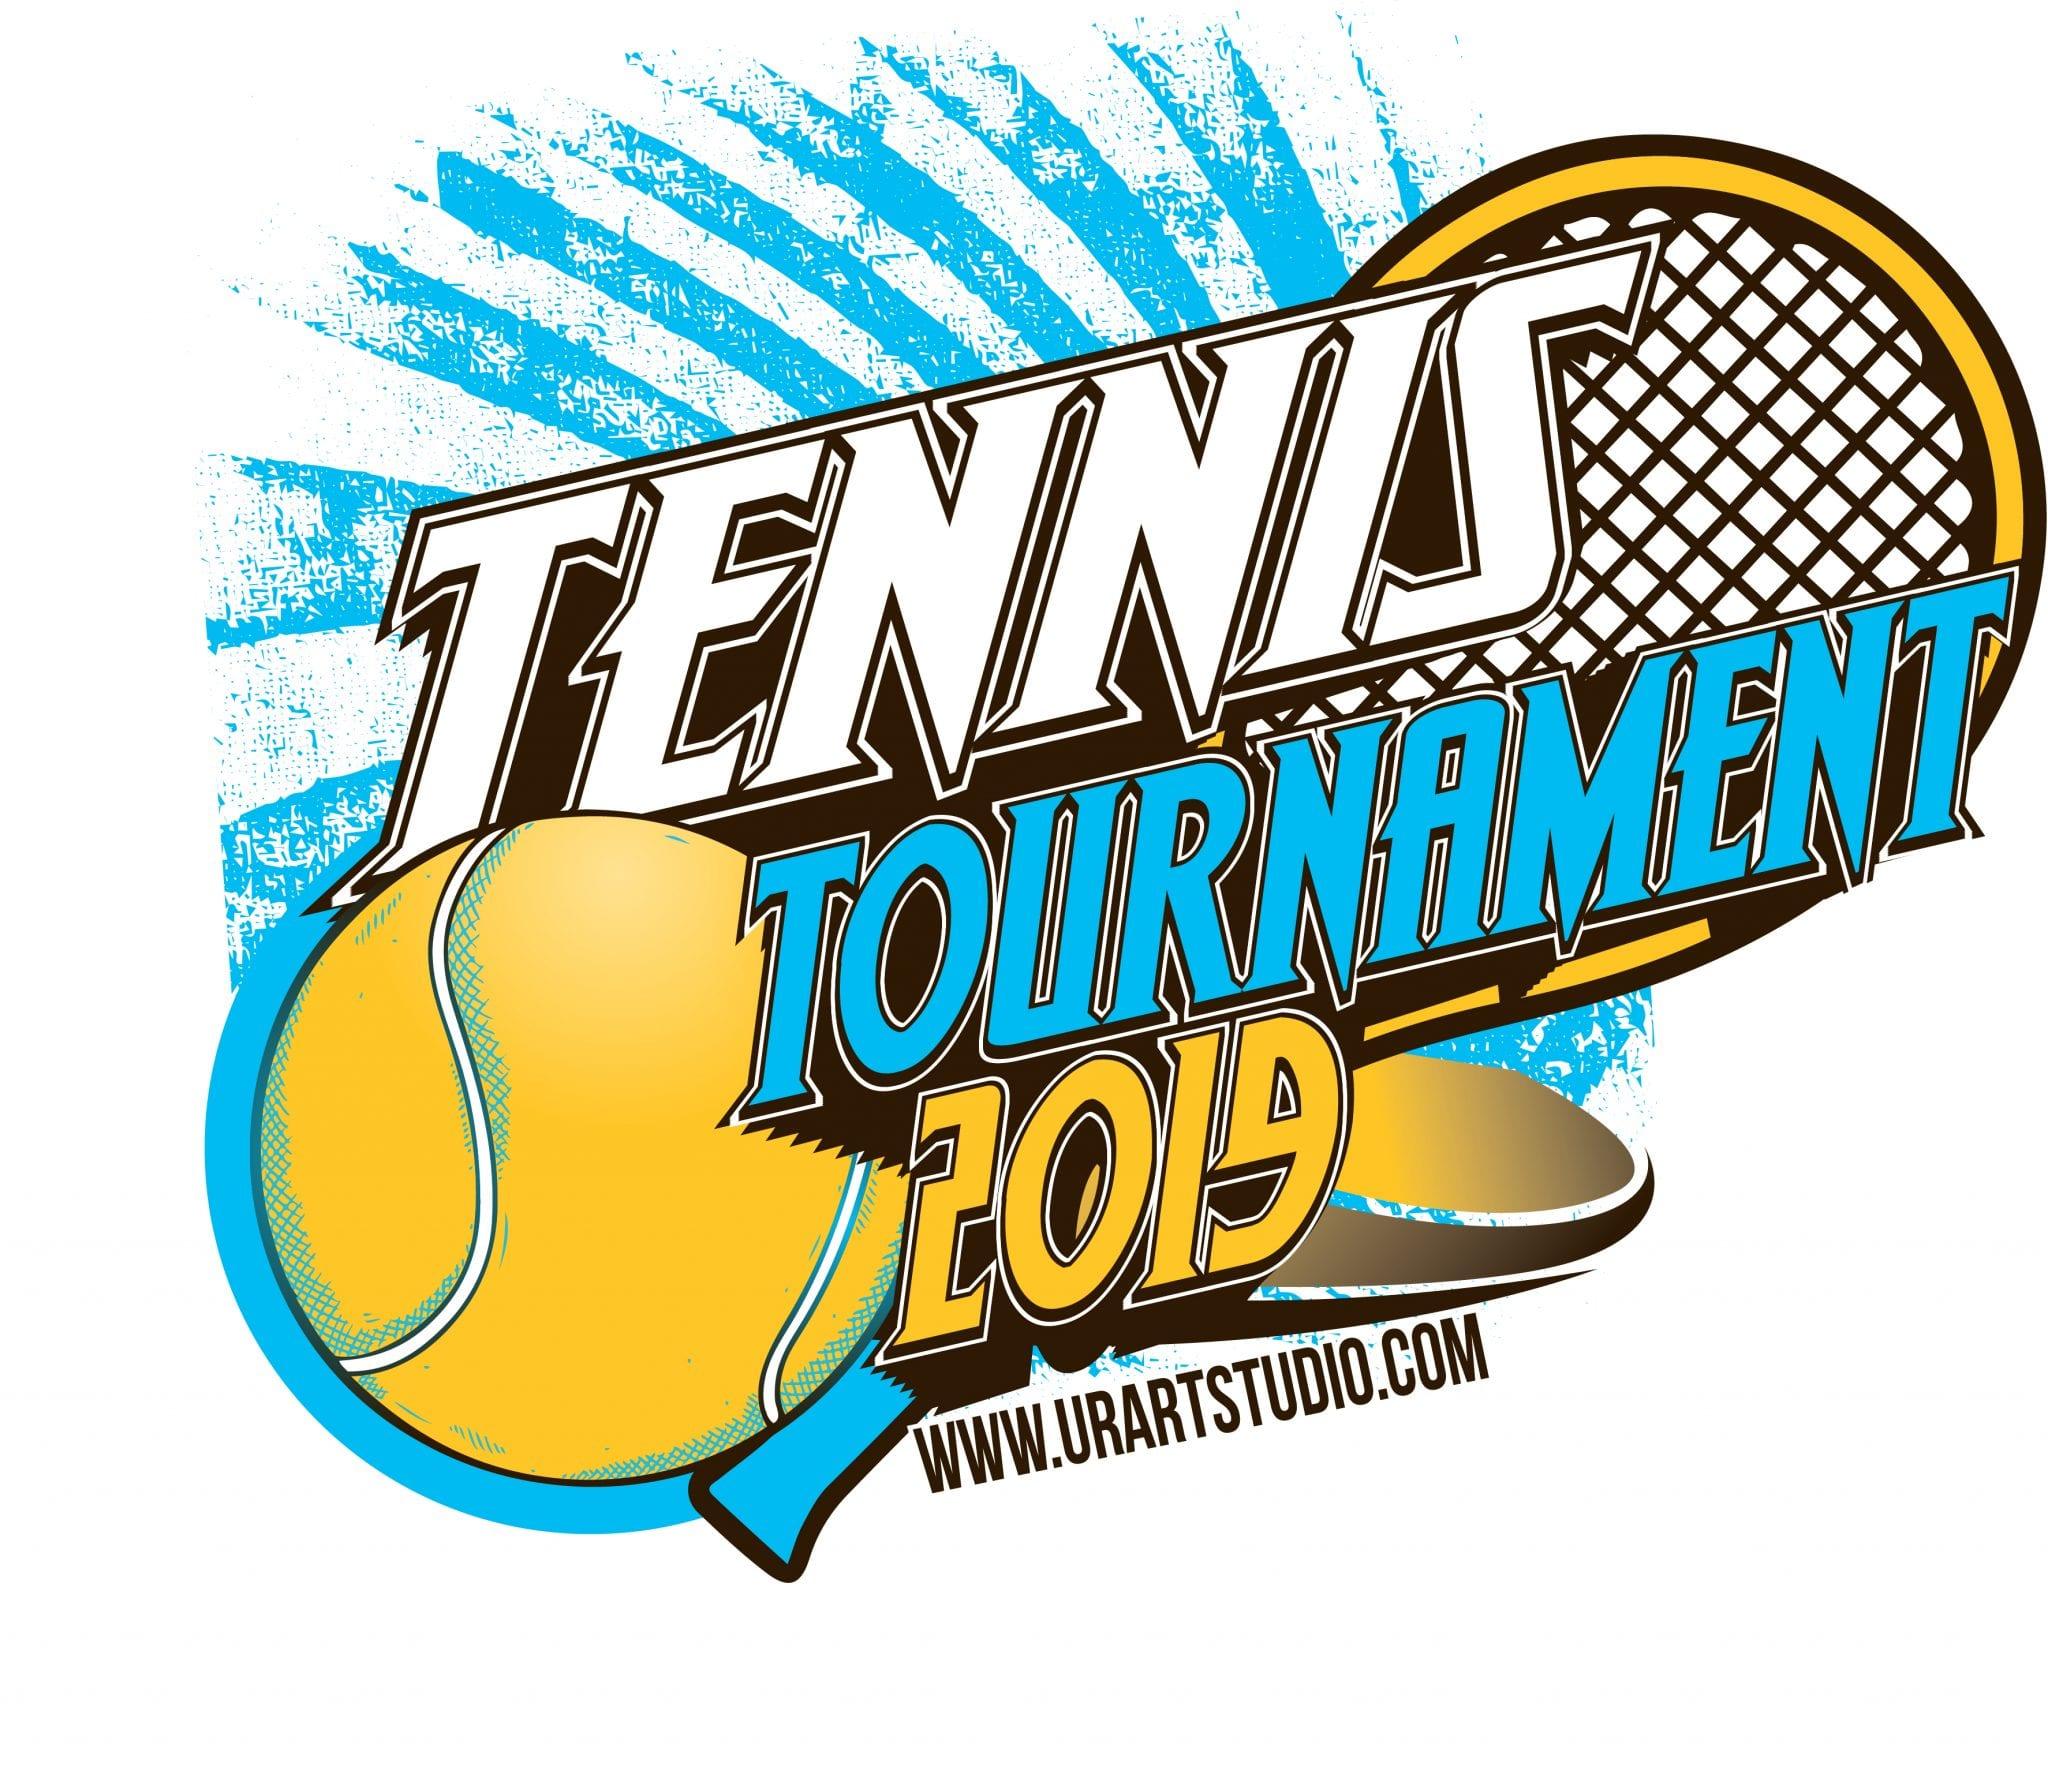 tennis tournament 2019 t shirt vector logo design for print rh urartstudio com Men's Softball Logos CR Softball Logo Designs